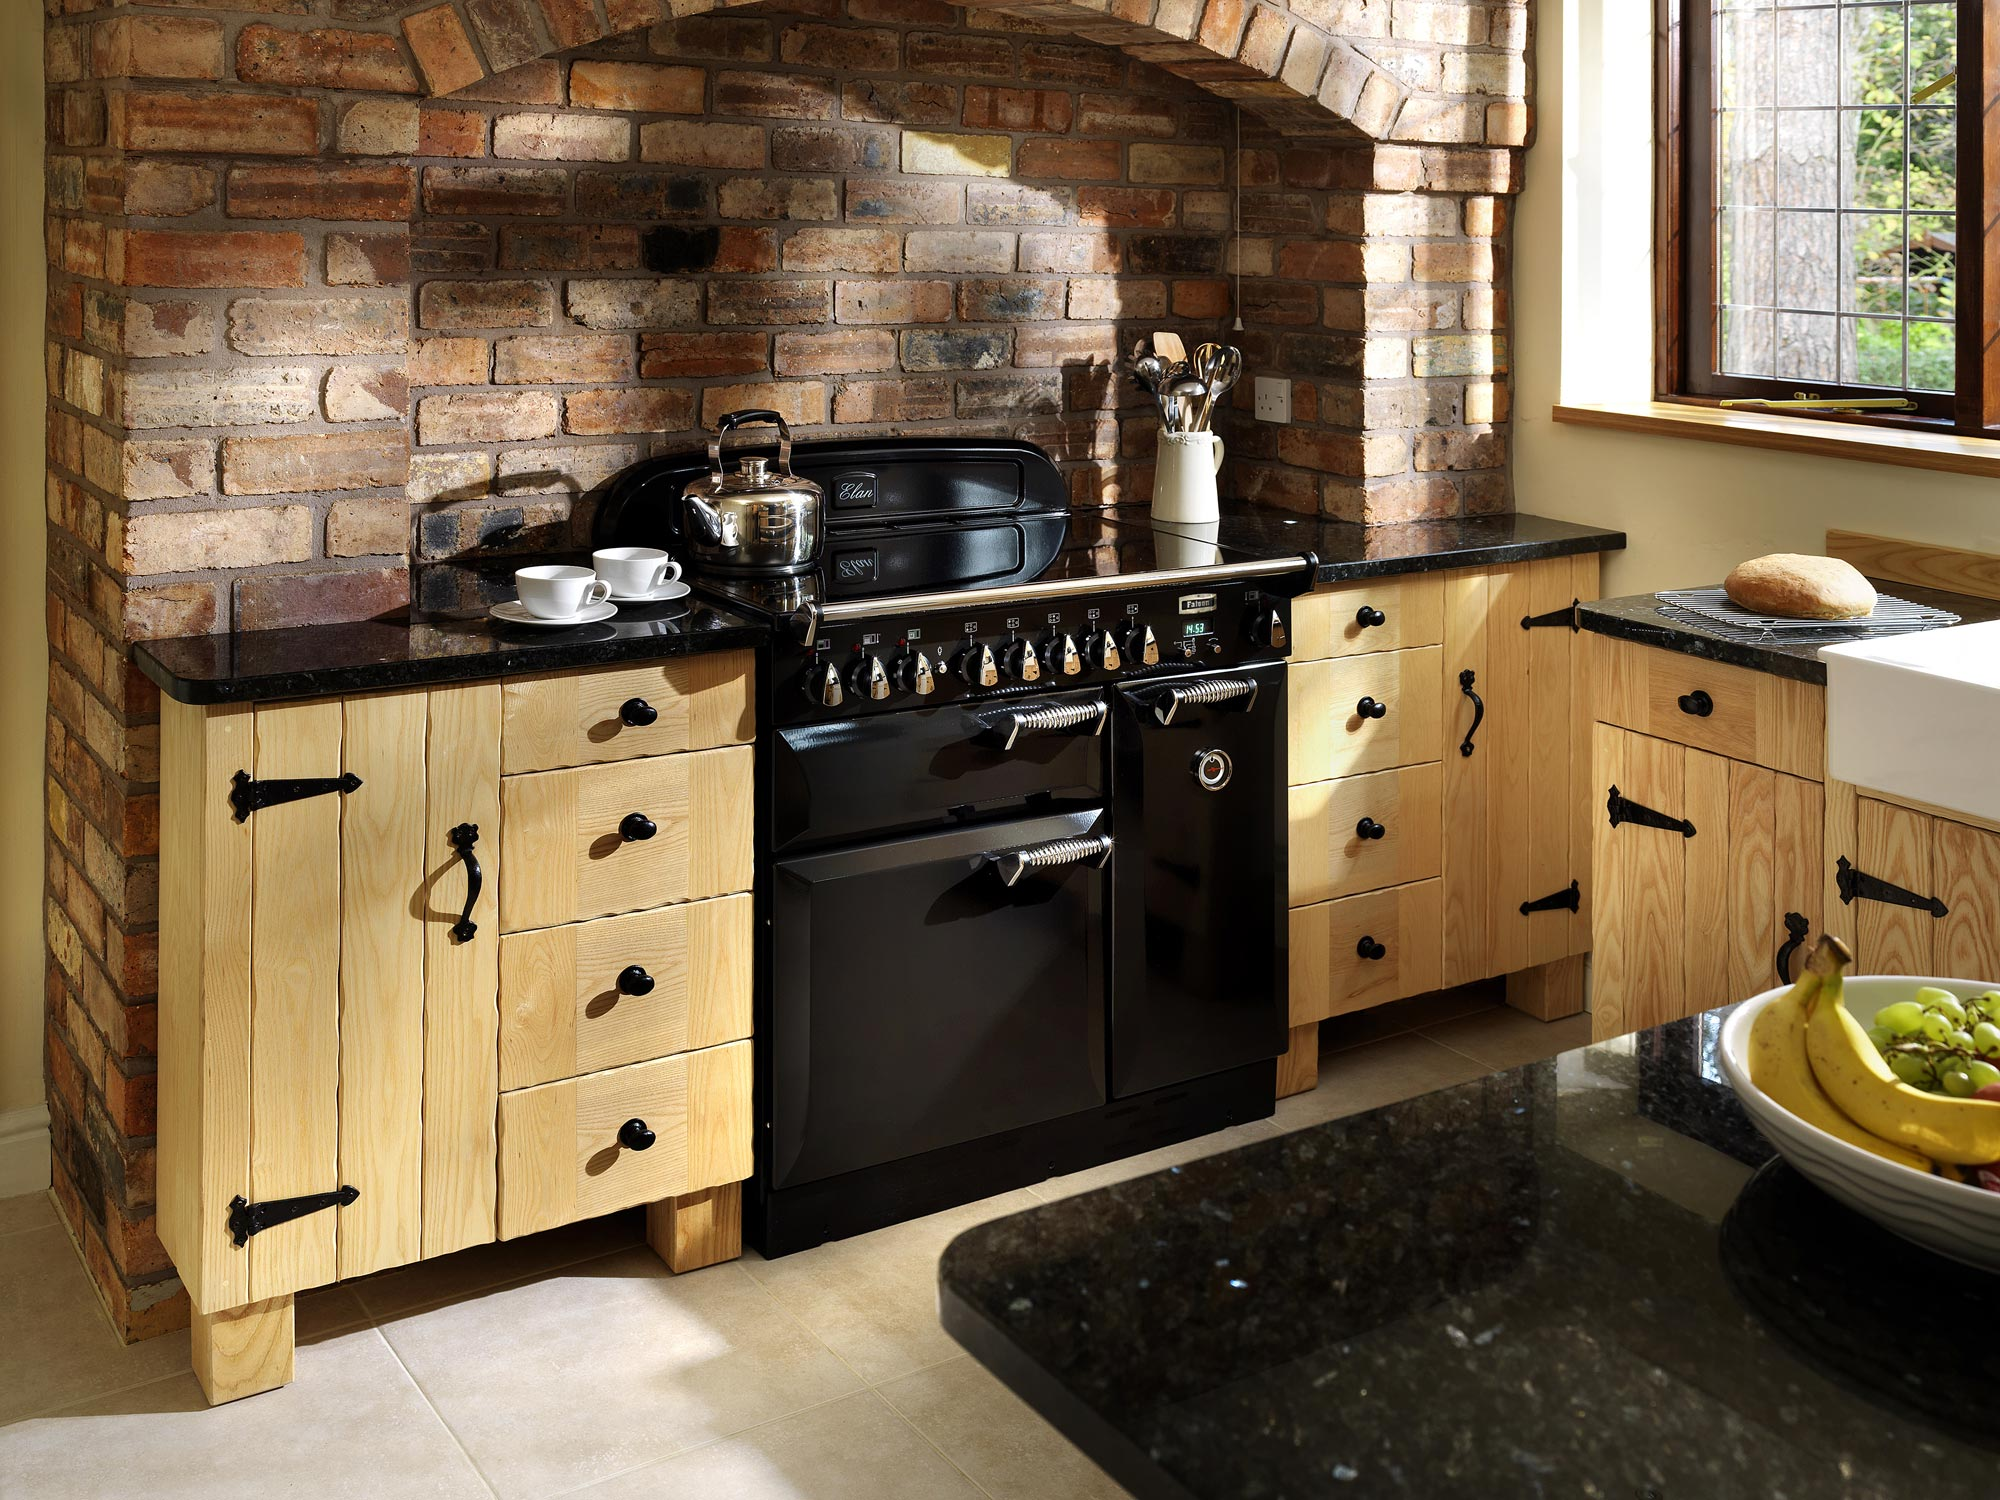 Keuken met hout en steen